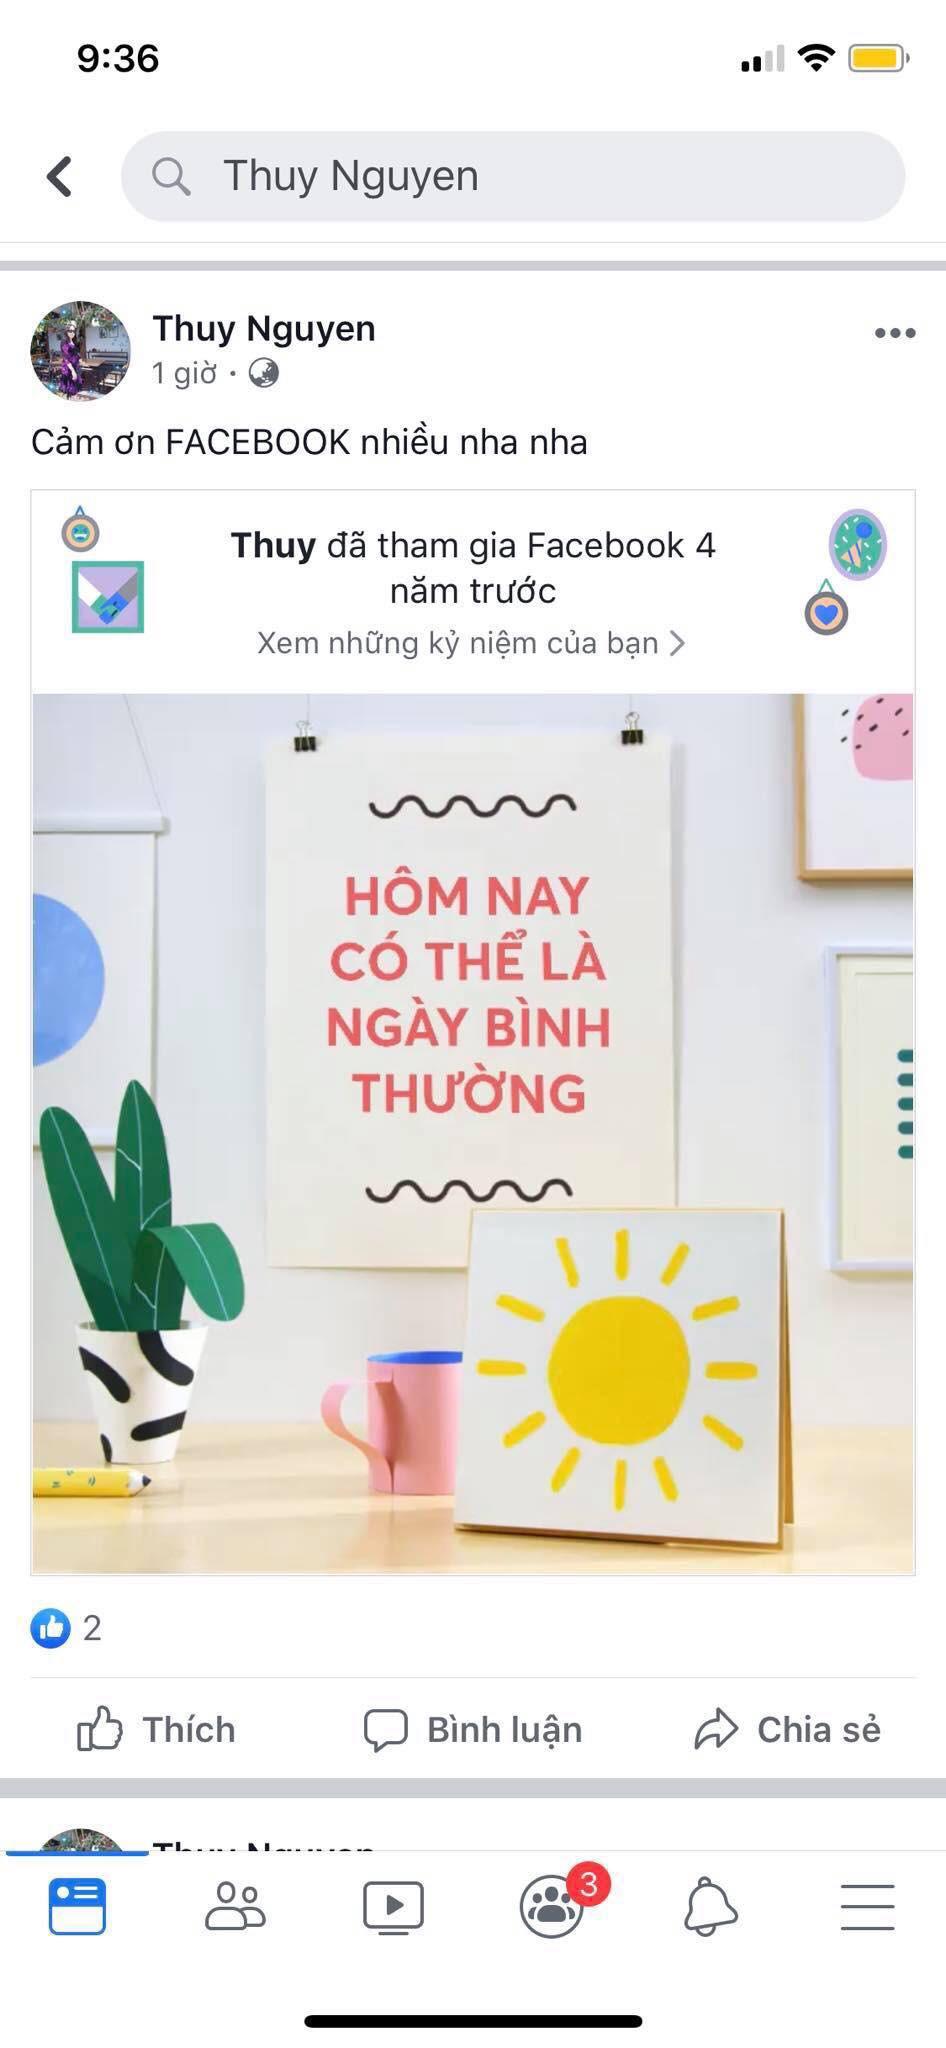 VZN News: Đáng yêu nhất là khi bố mẹ chúng ta tập tành dùng Facebook: Hay share link dằn mặt, cực thích dùng icon - Ảnh 17.